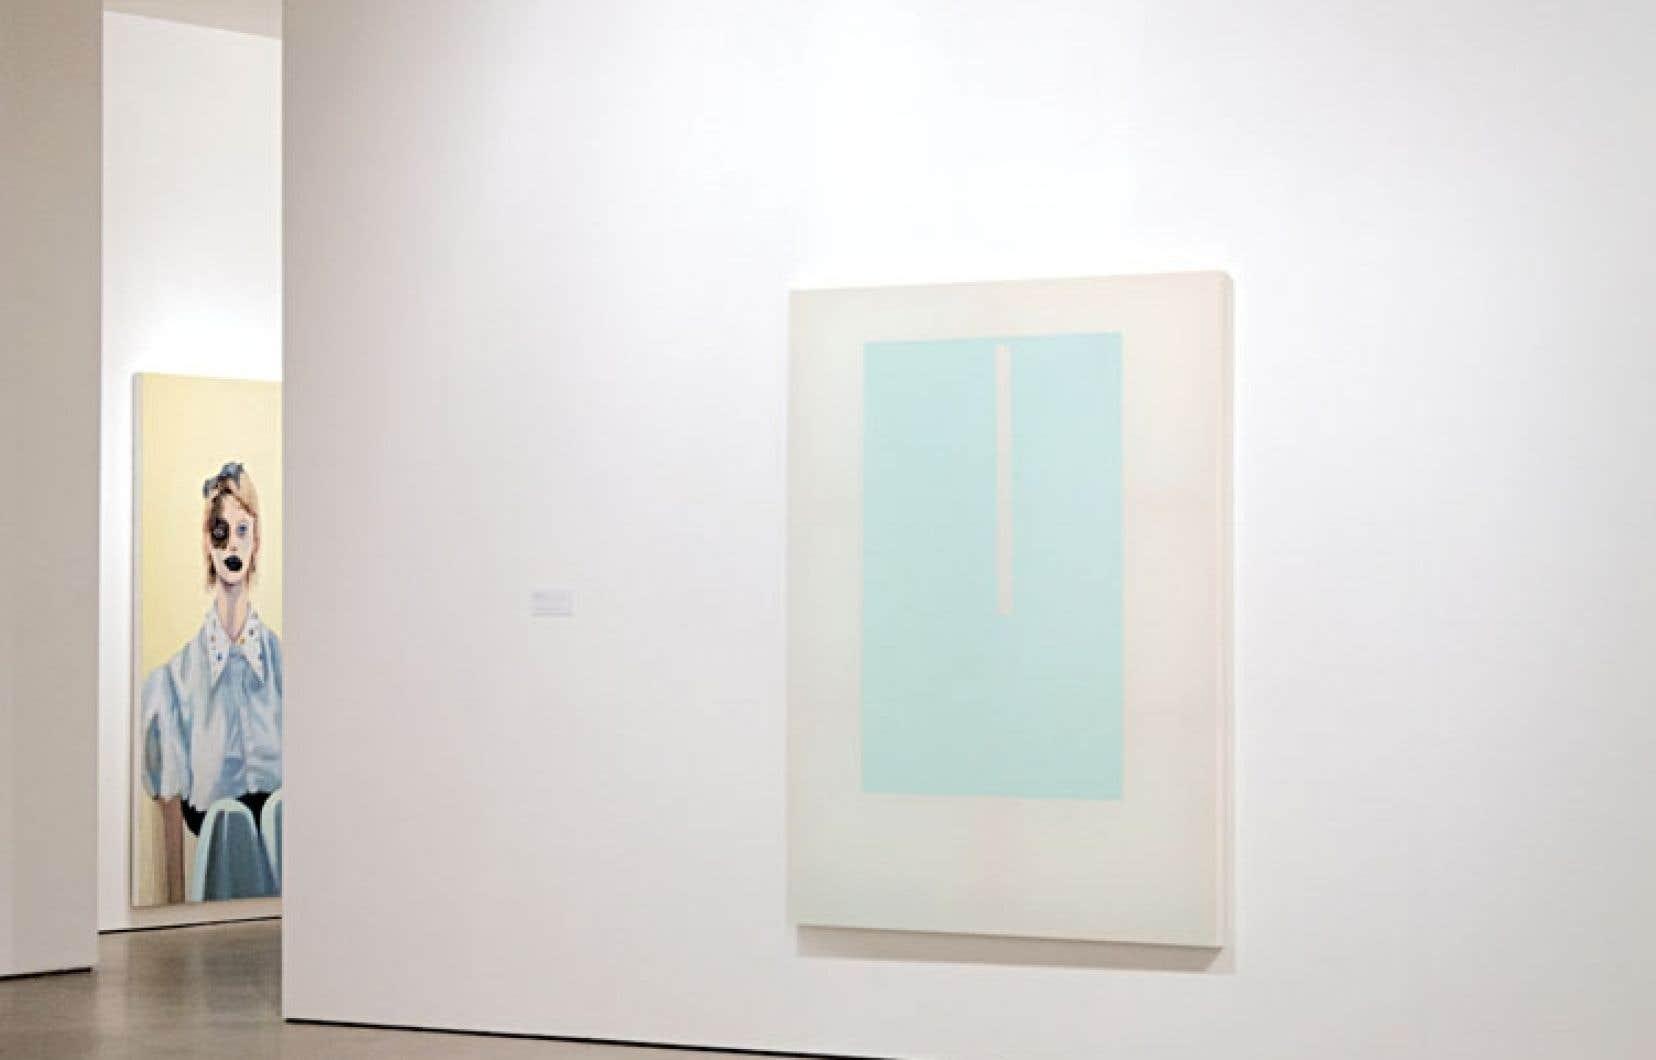 À gauche : Janet Werner, Del, 2013. À droite : Chris Kline, Section, 2011-2012.